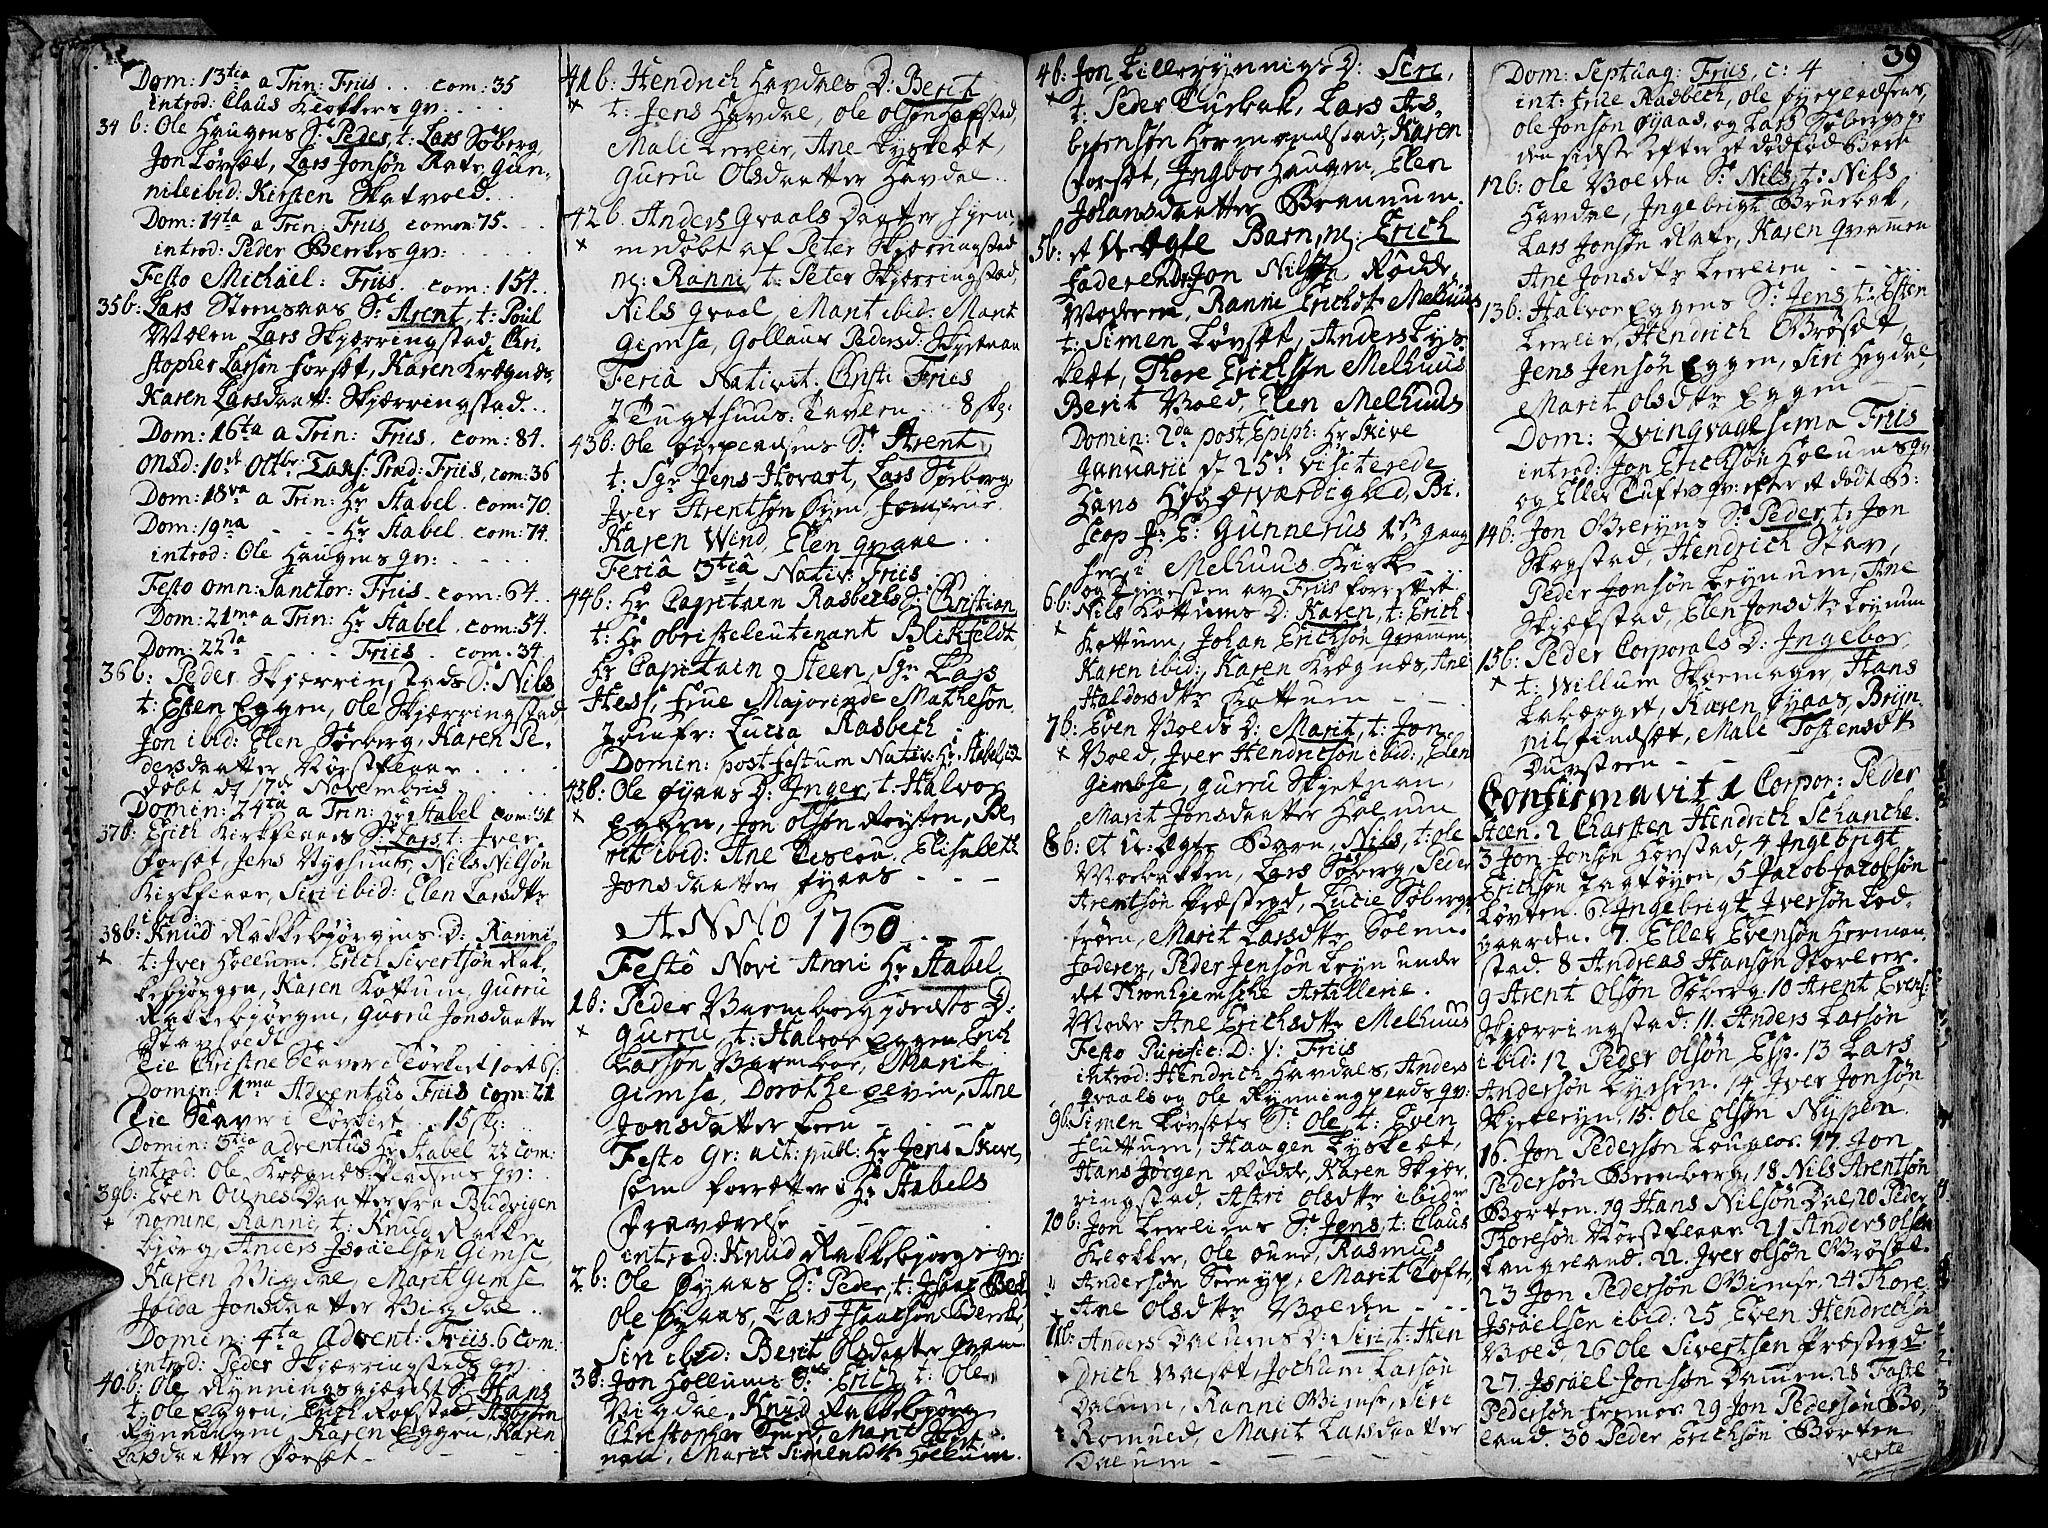 SAT, Ministerialprotokoller, klokkerbøker og fødselsregistre - Sør-Trøndelag, 691/L1057: Ministerialbok nr. 691A01 /1, 1740-1767, s. 39